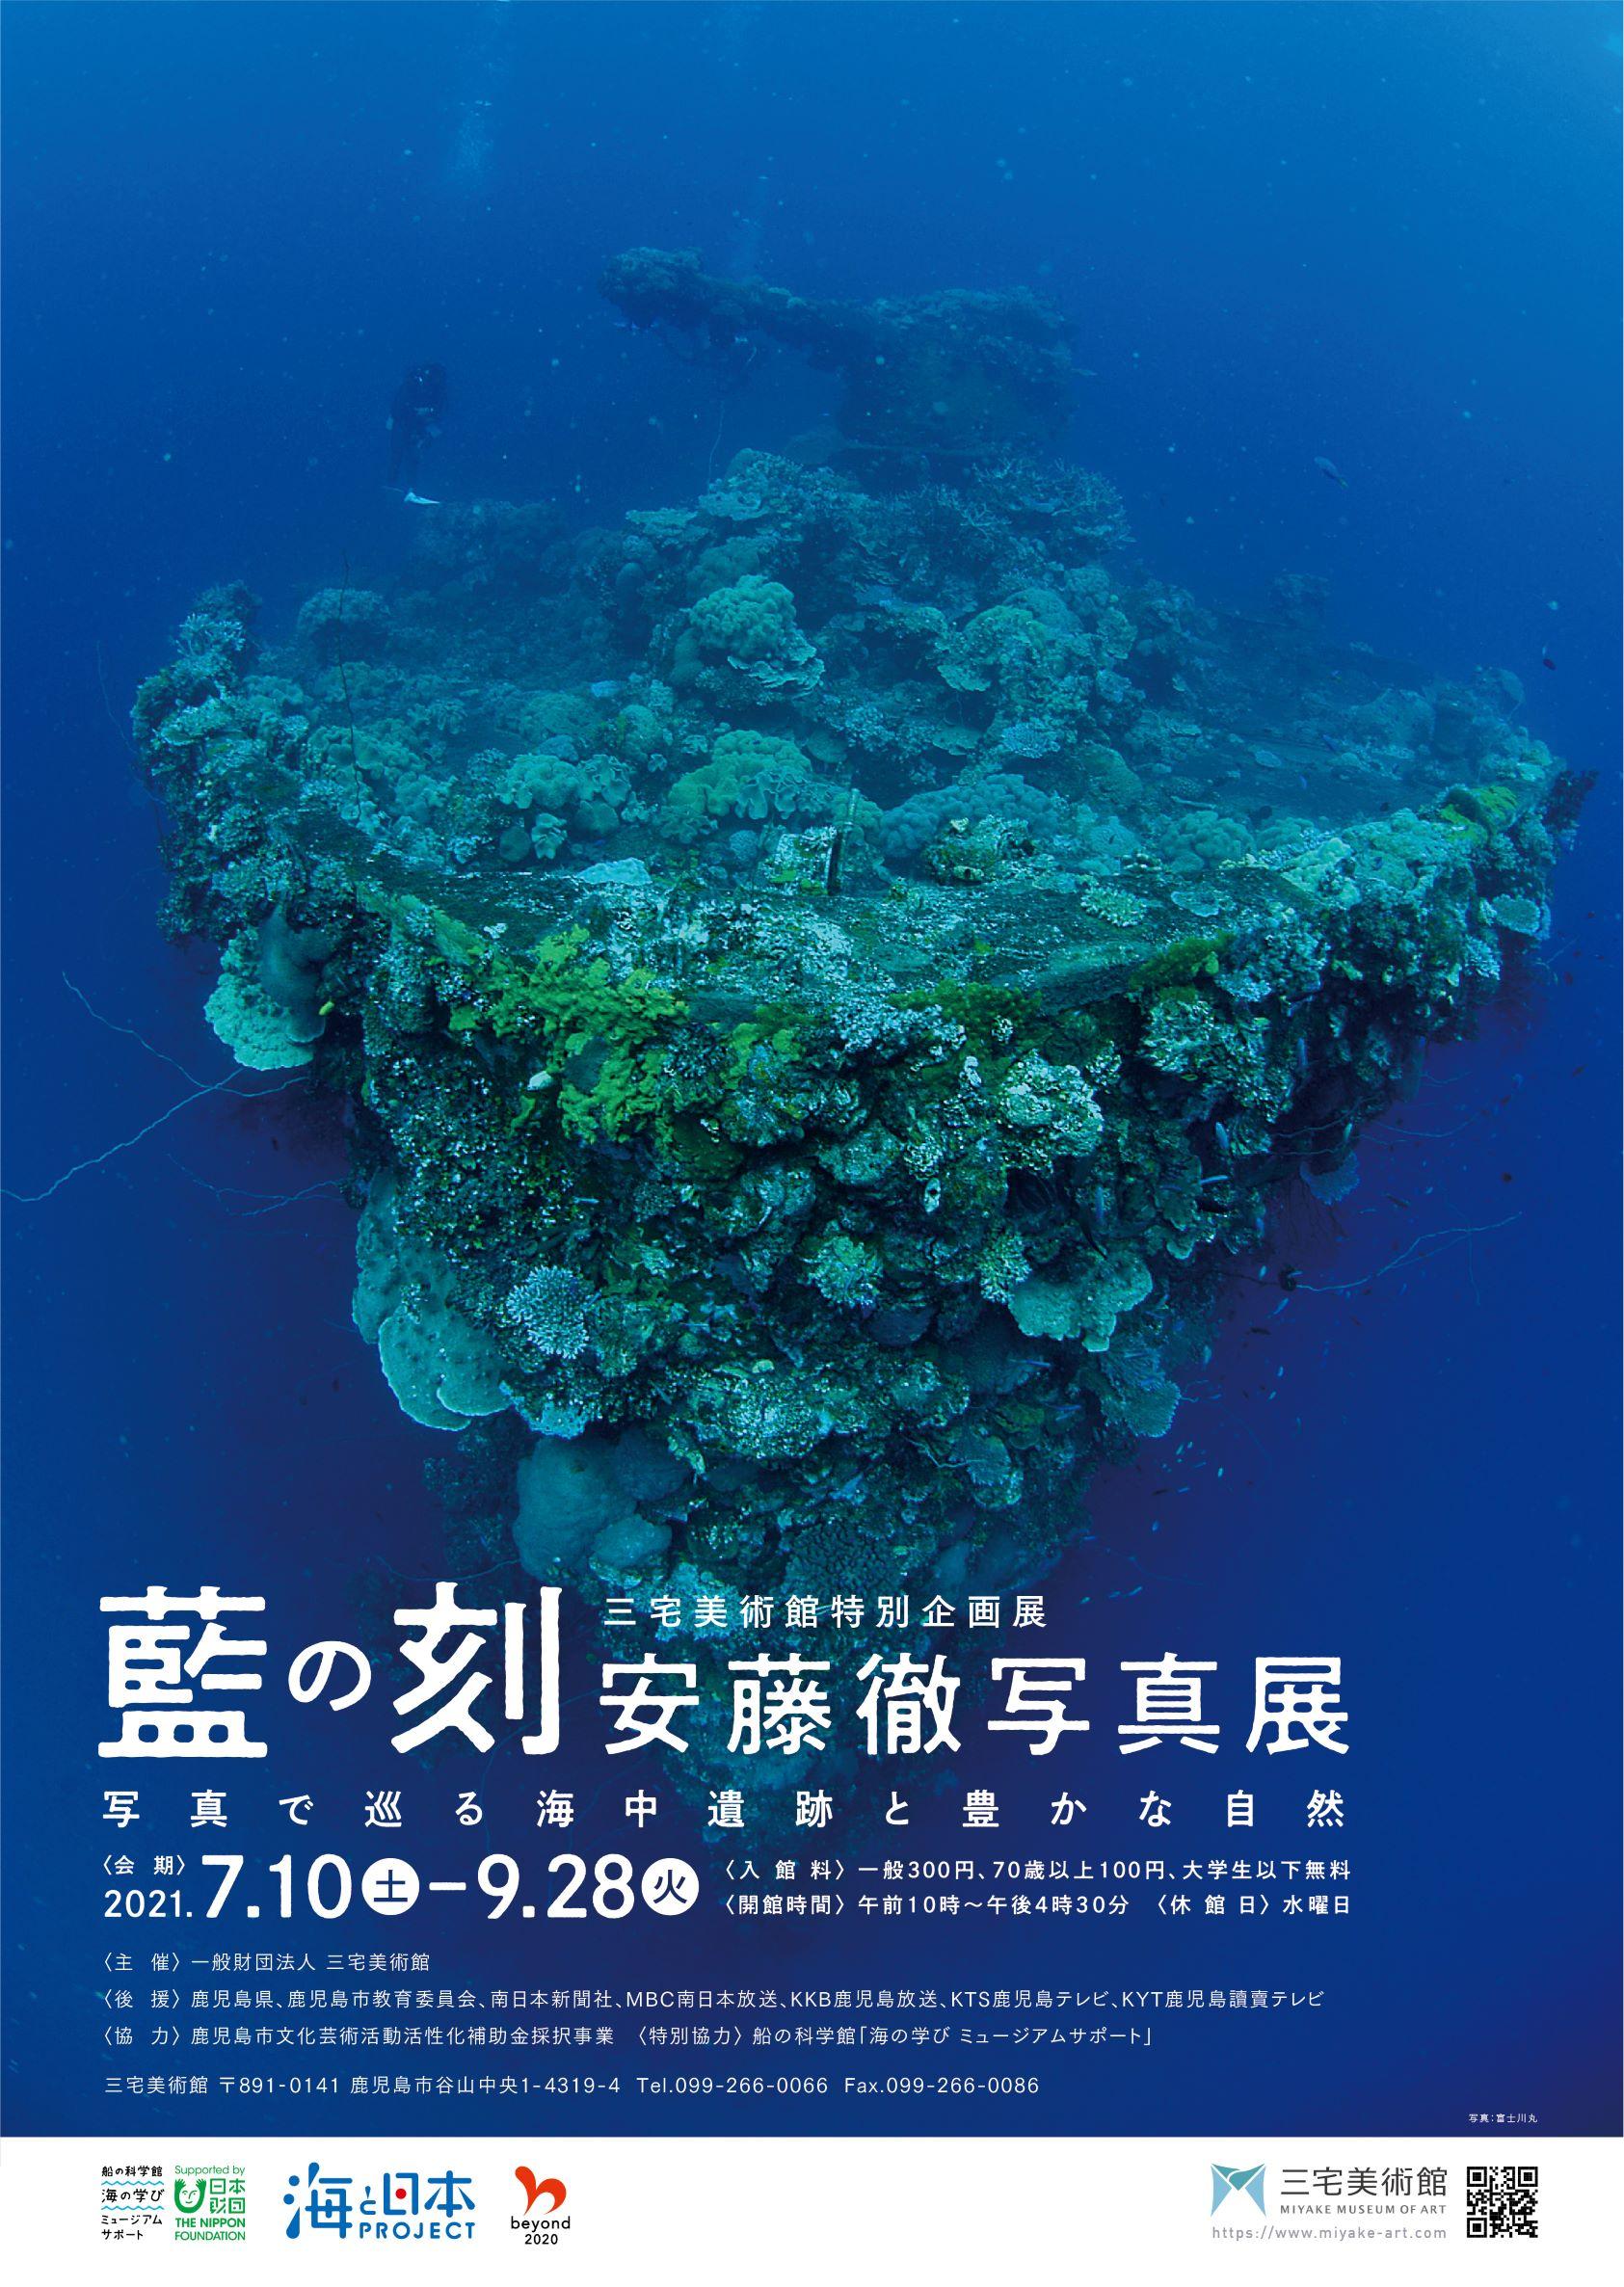 【9月18日(土)より再開】安藤徹写真展「藍の刻」-写真で巡る海中遺跡と豊かな自然ー